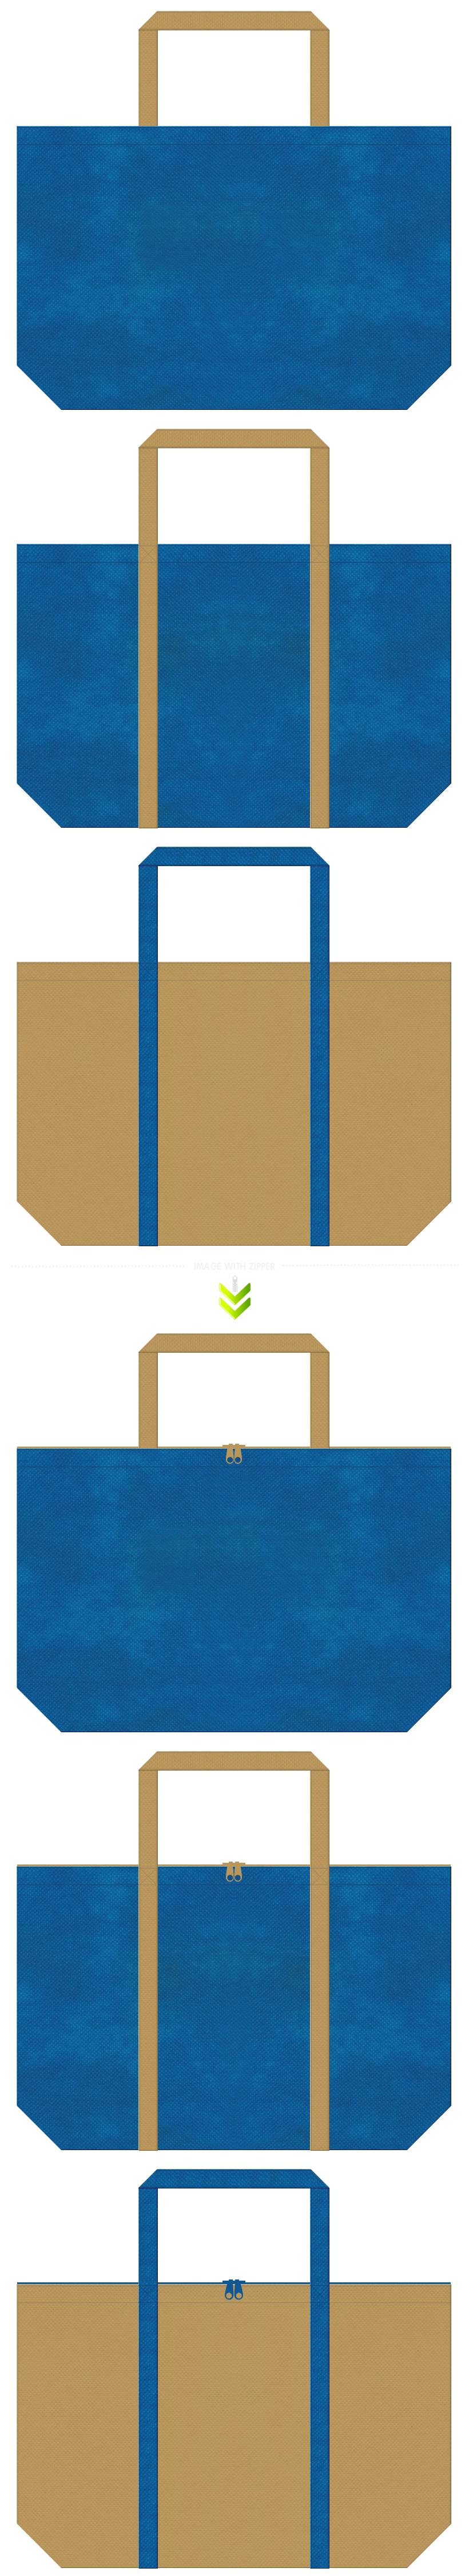 青色と金黄土色の不織布ショッピングバッグのデザイン